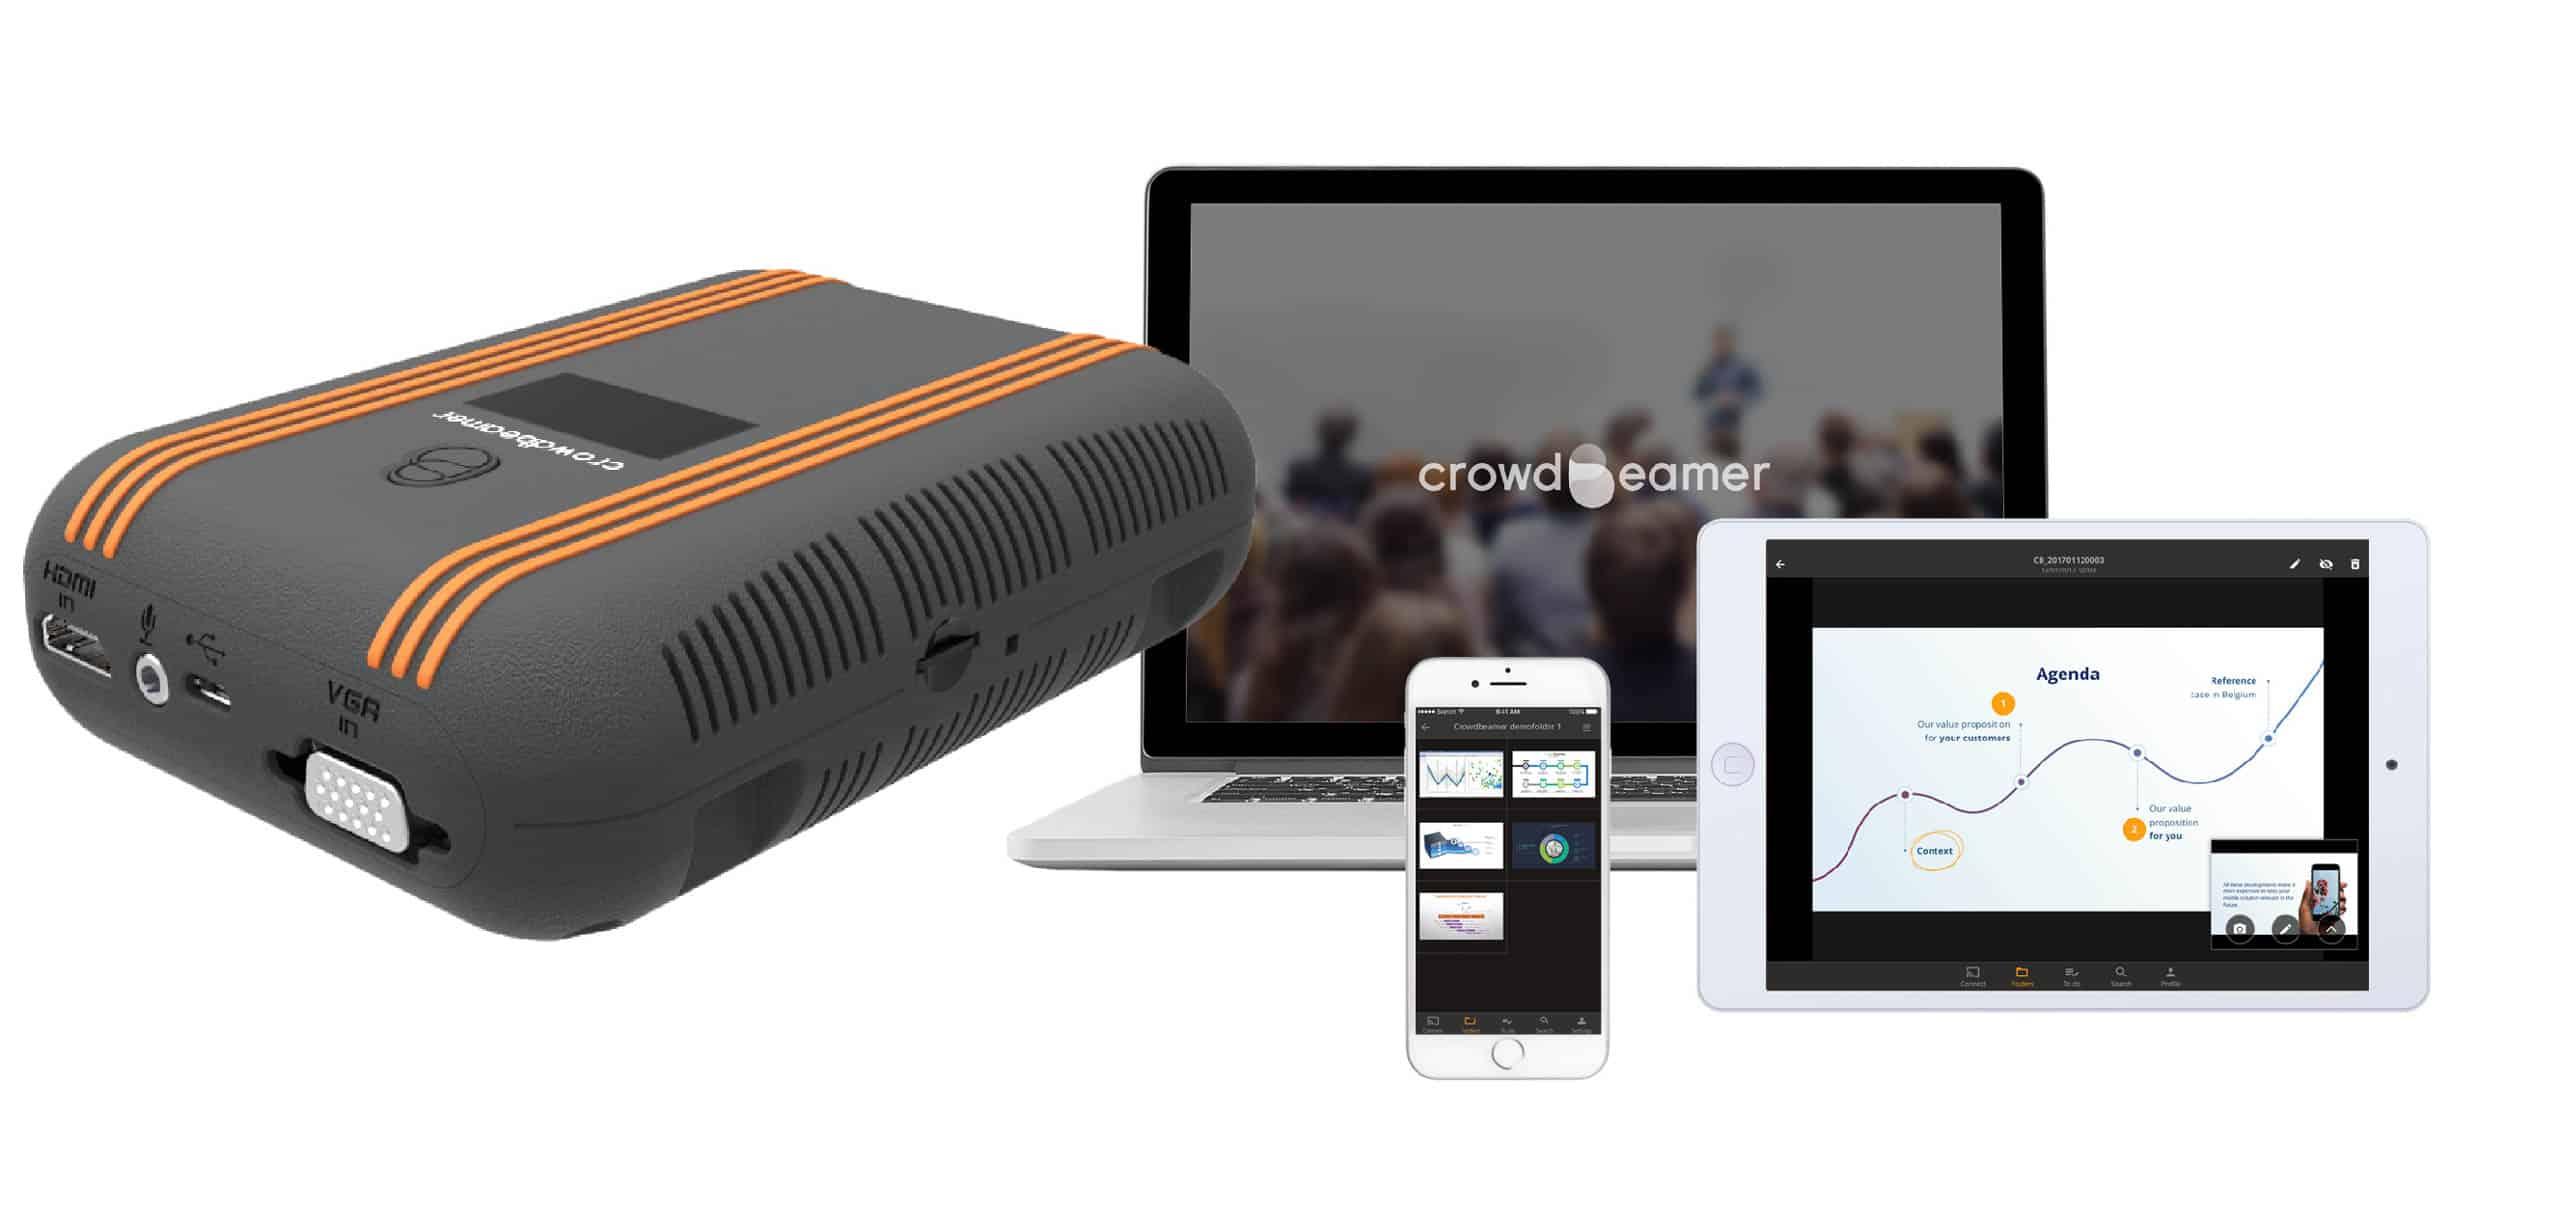 ¿Por qué usar el Apple TV con crowdbeamer hace que las reuniones de negocios sean mejores?